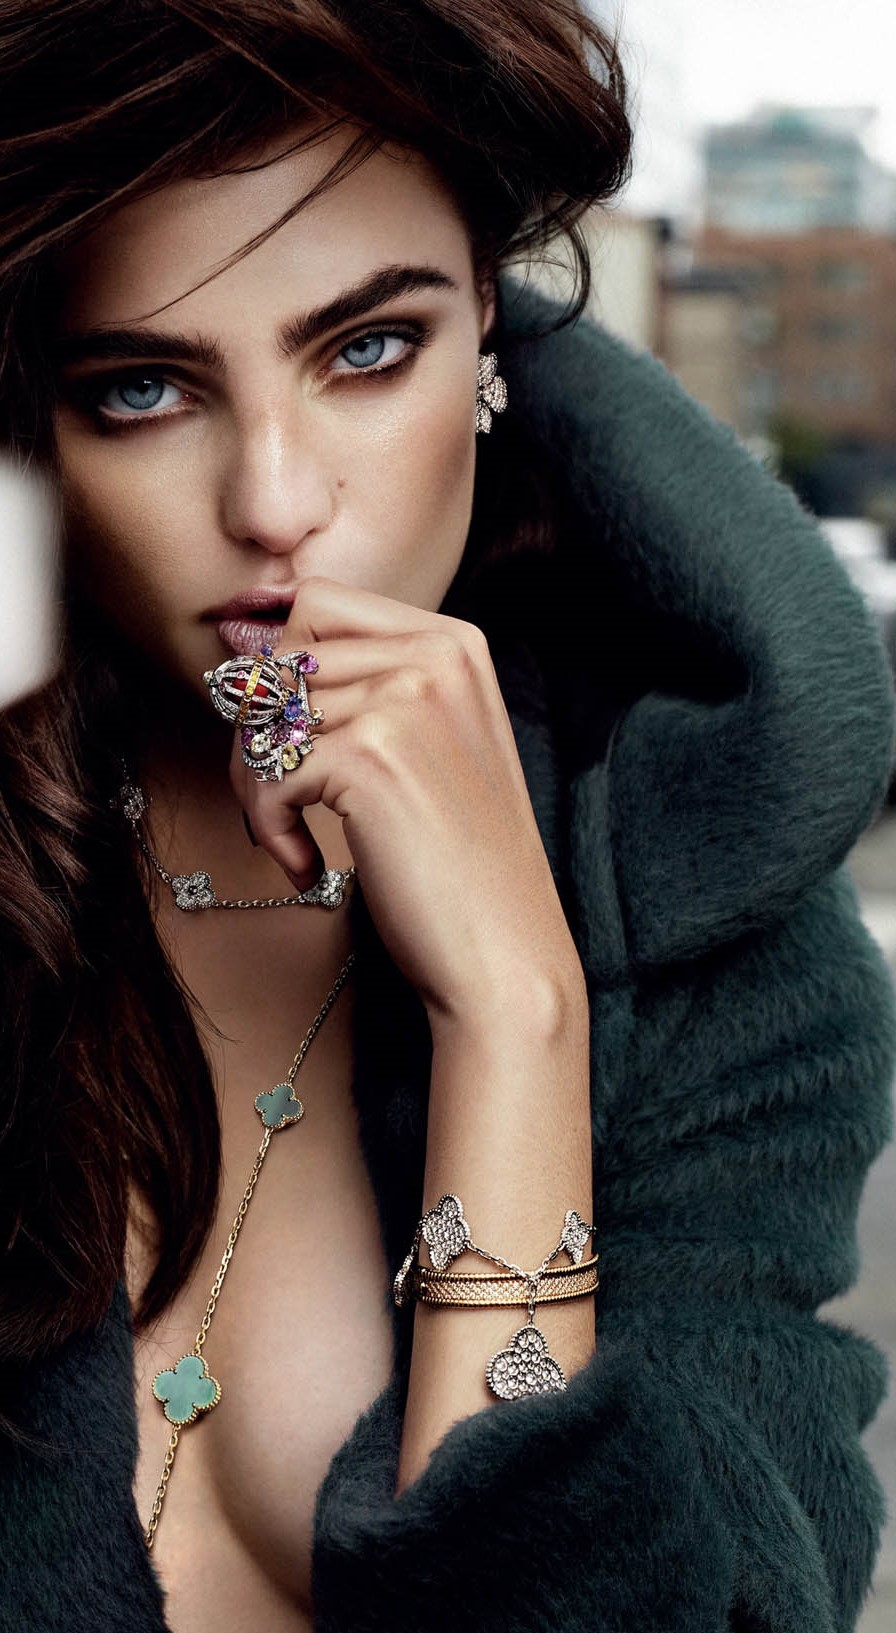 Фото Модель Маринет Матти в фотосессии для Vogue Nederland